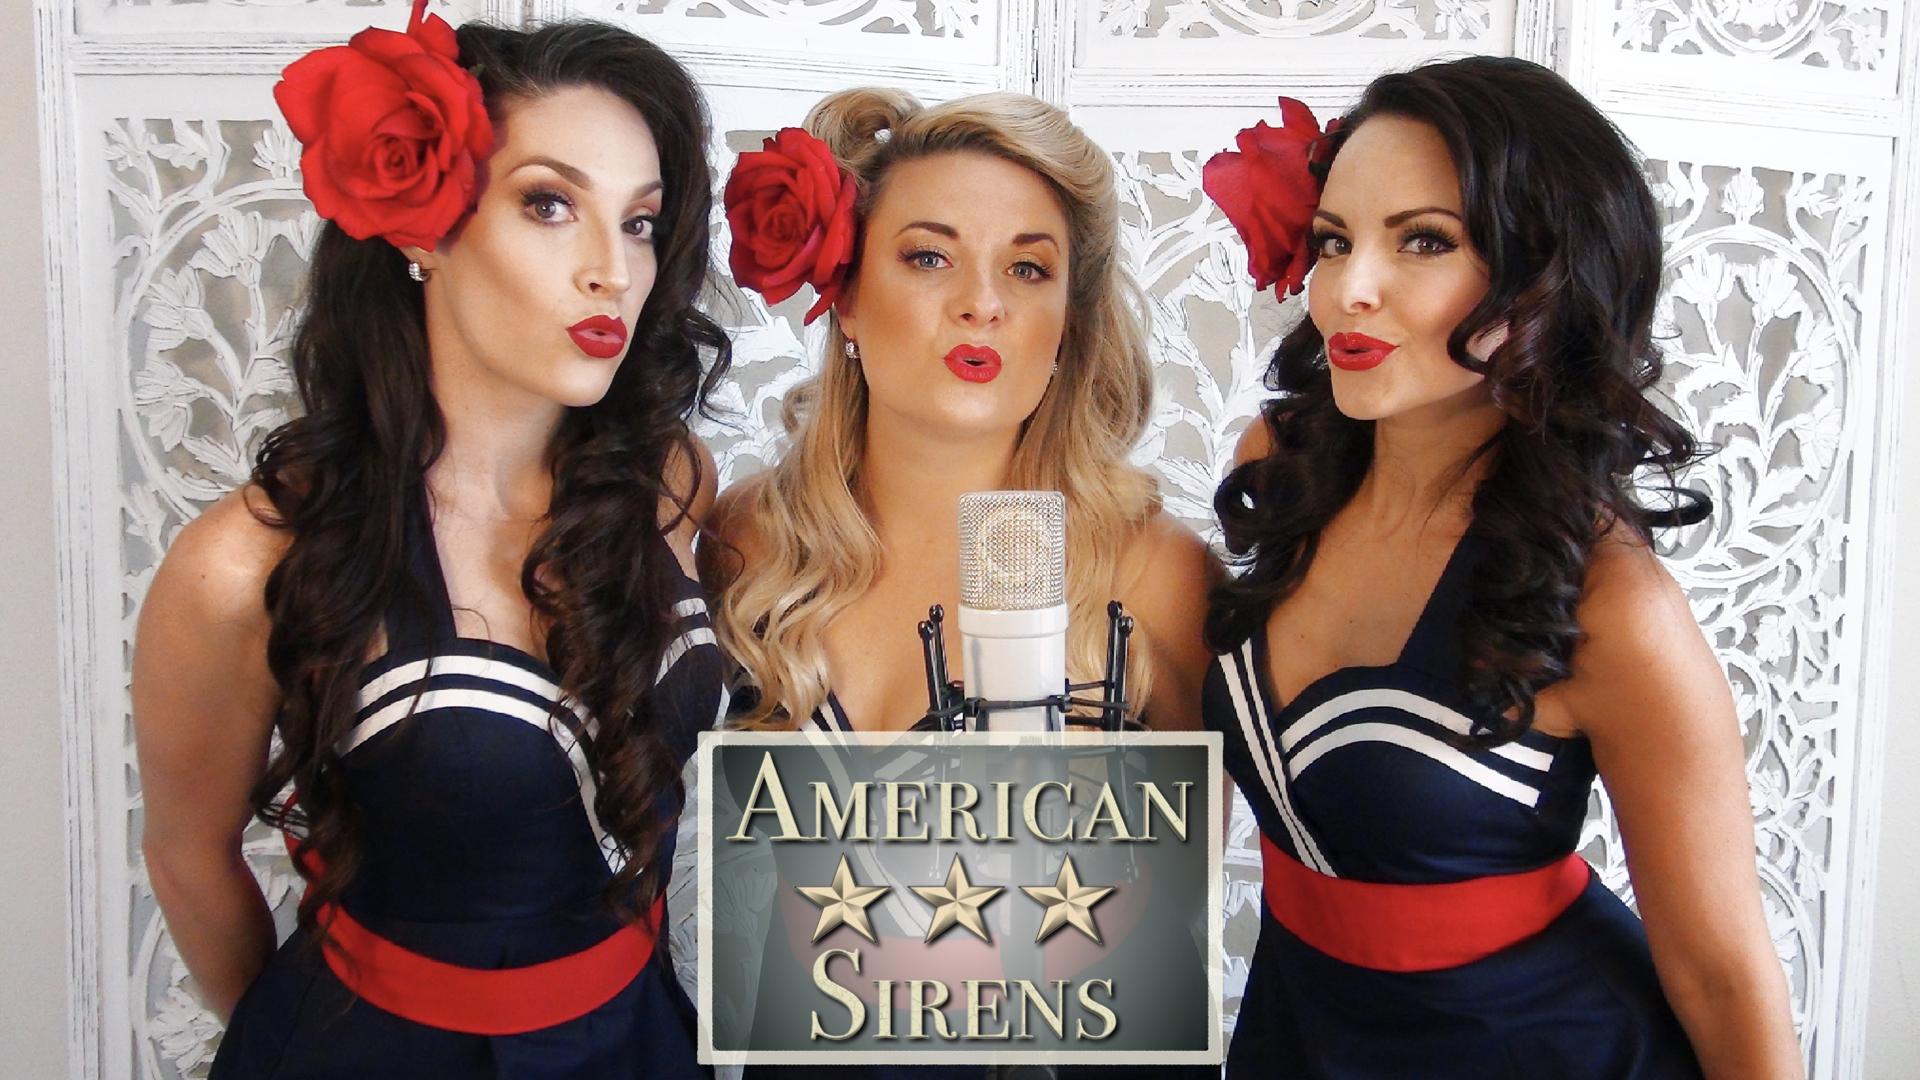 american-sirens-vintage-1